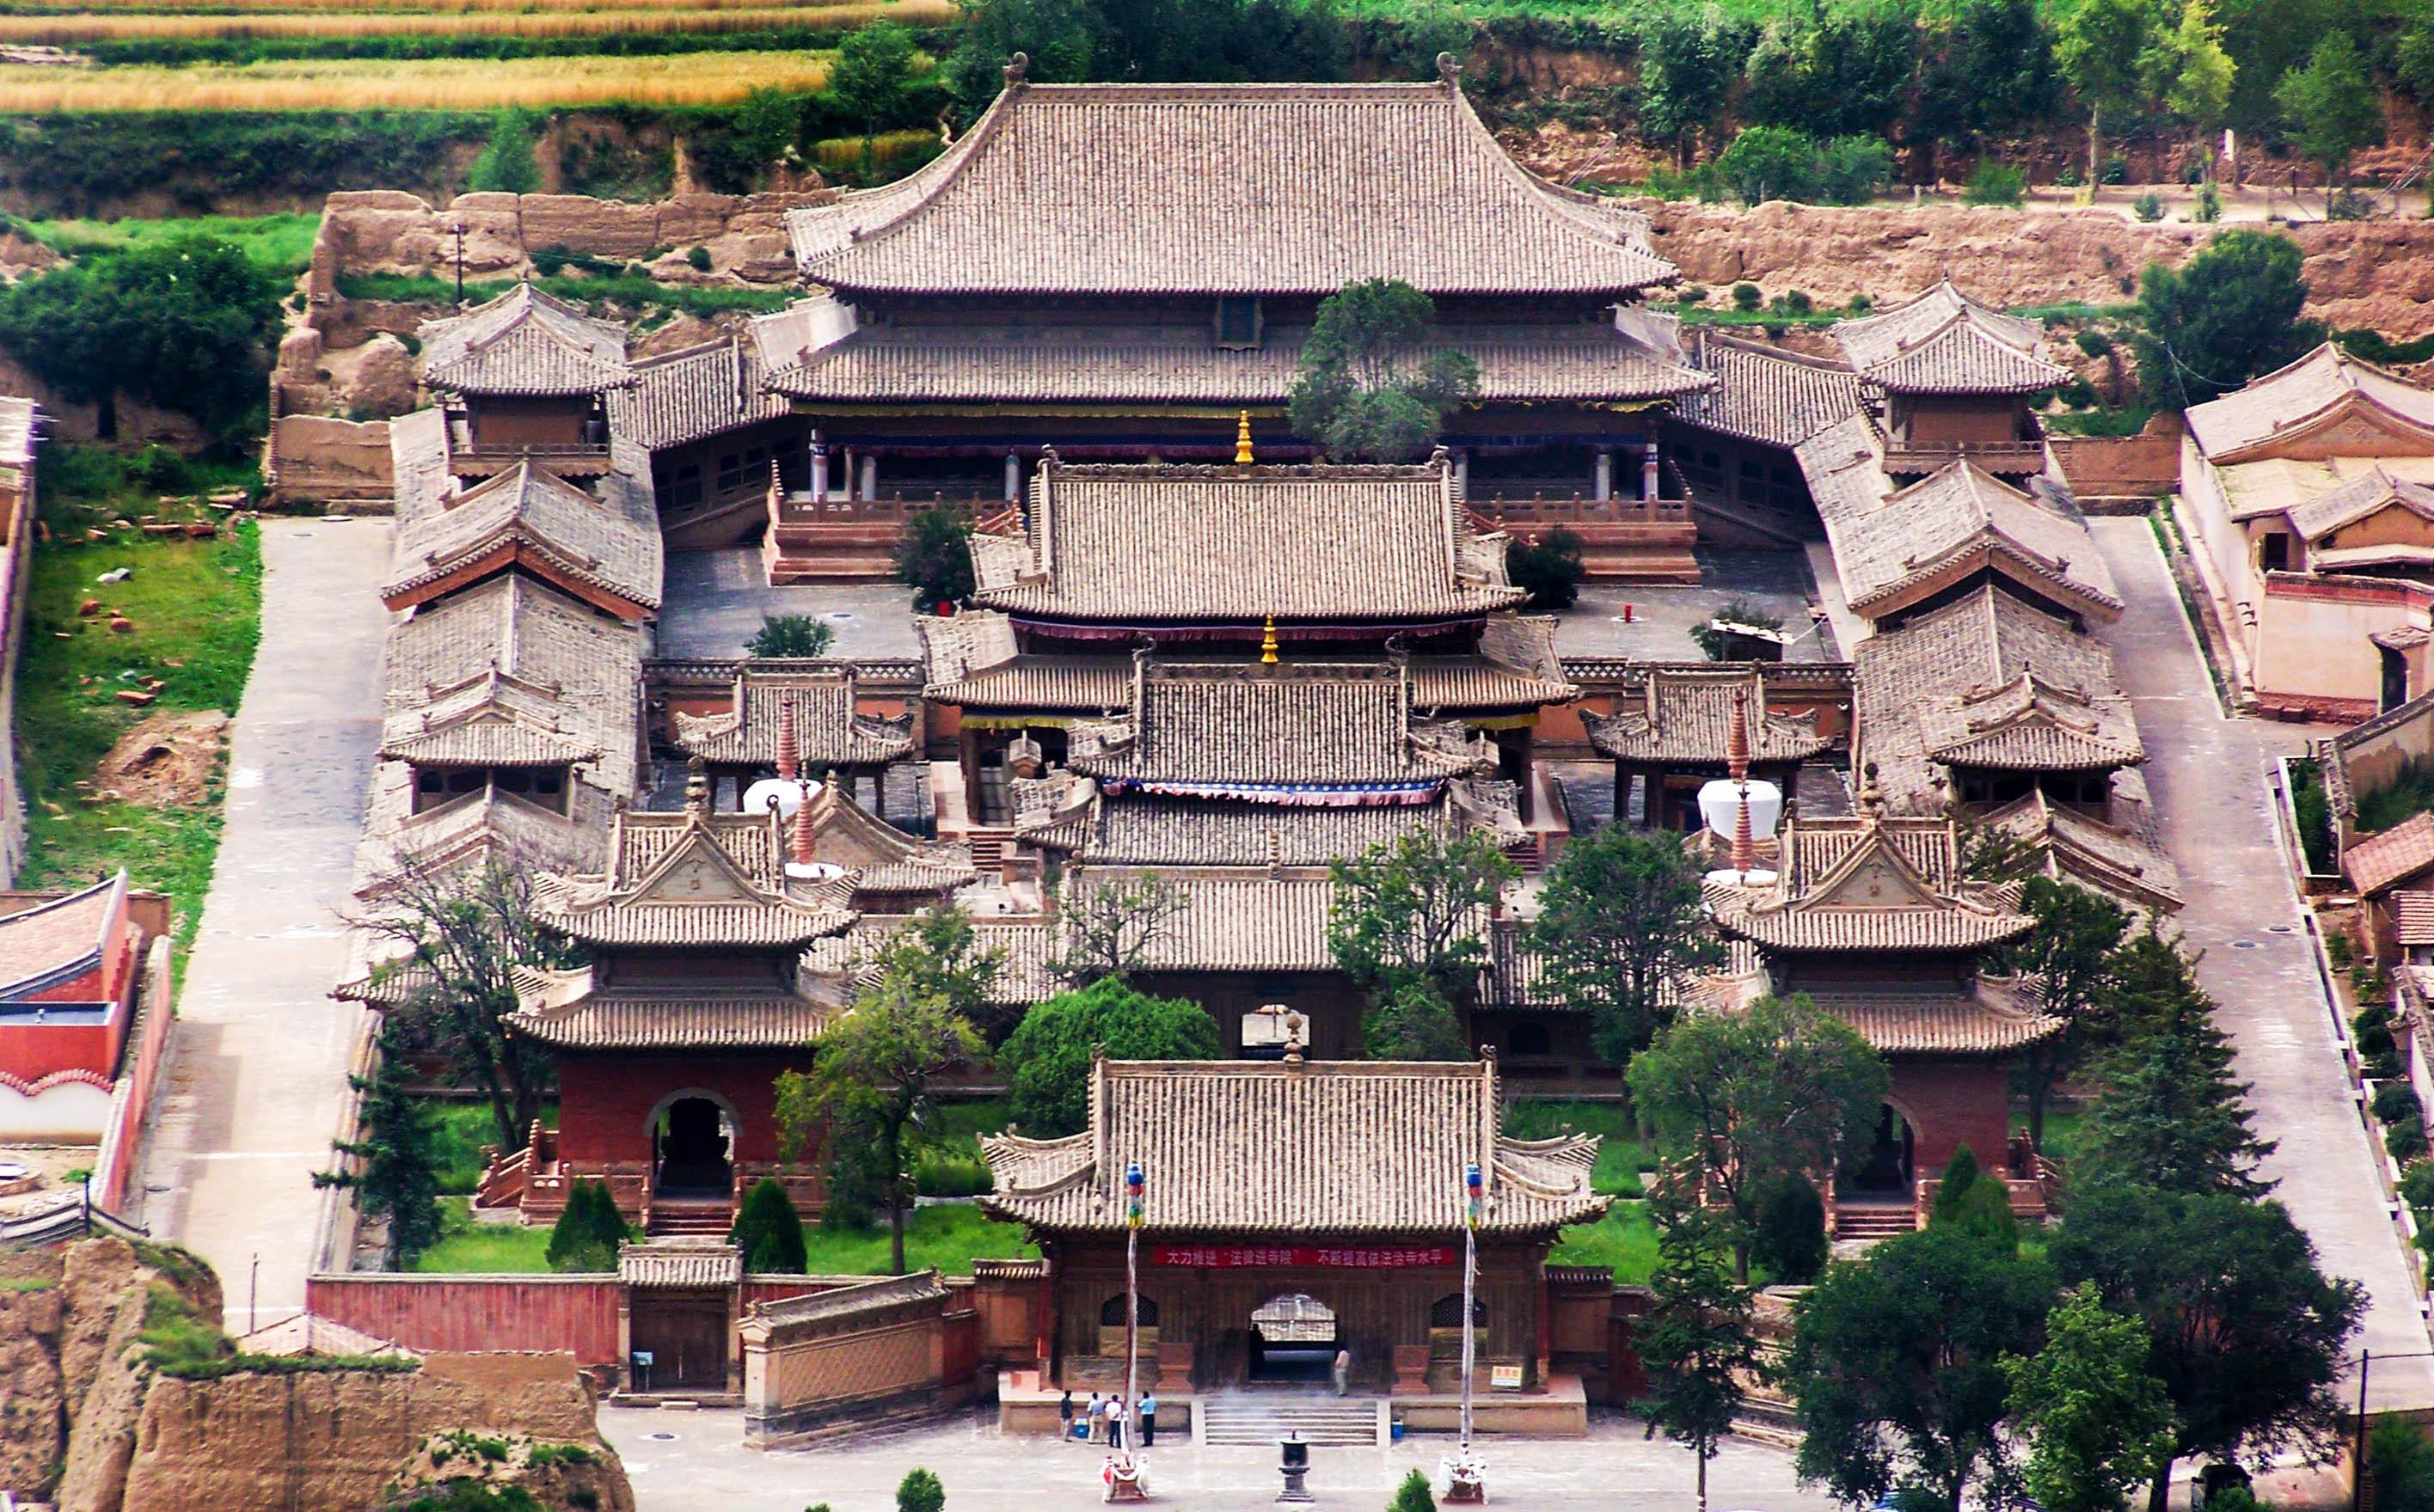 青海乡村竟藏着一座故宫,明初朱元璋等四位皇帝派监工历36年建成